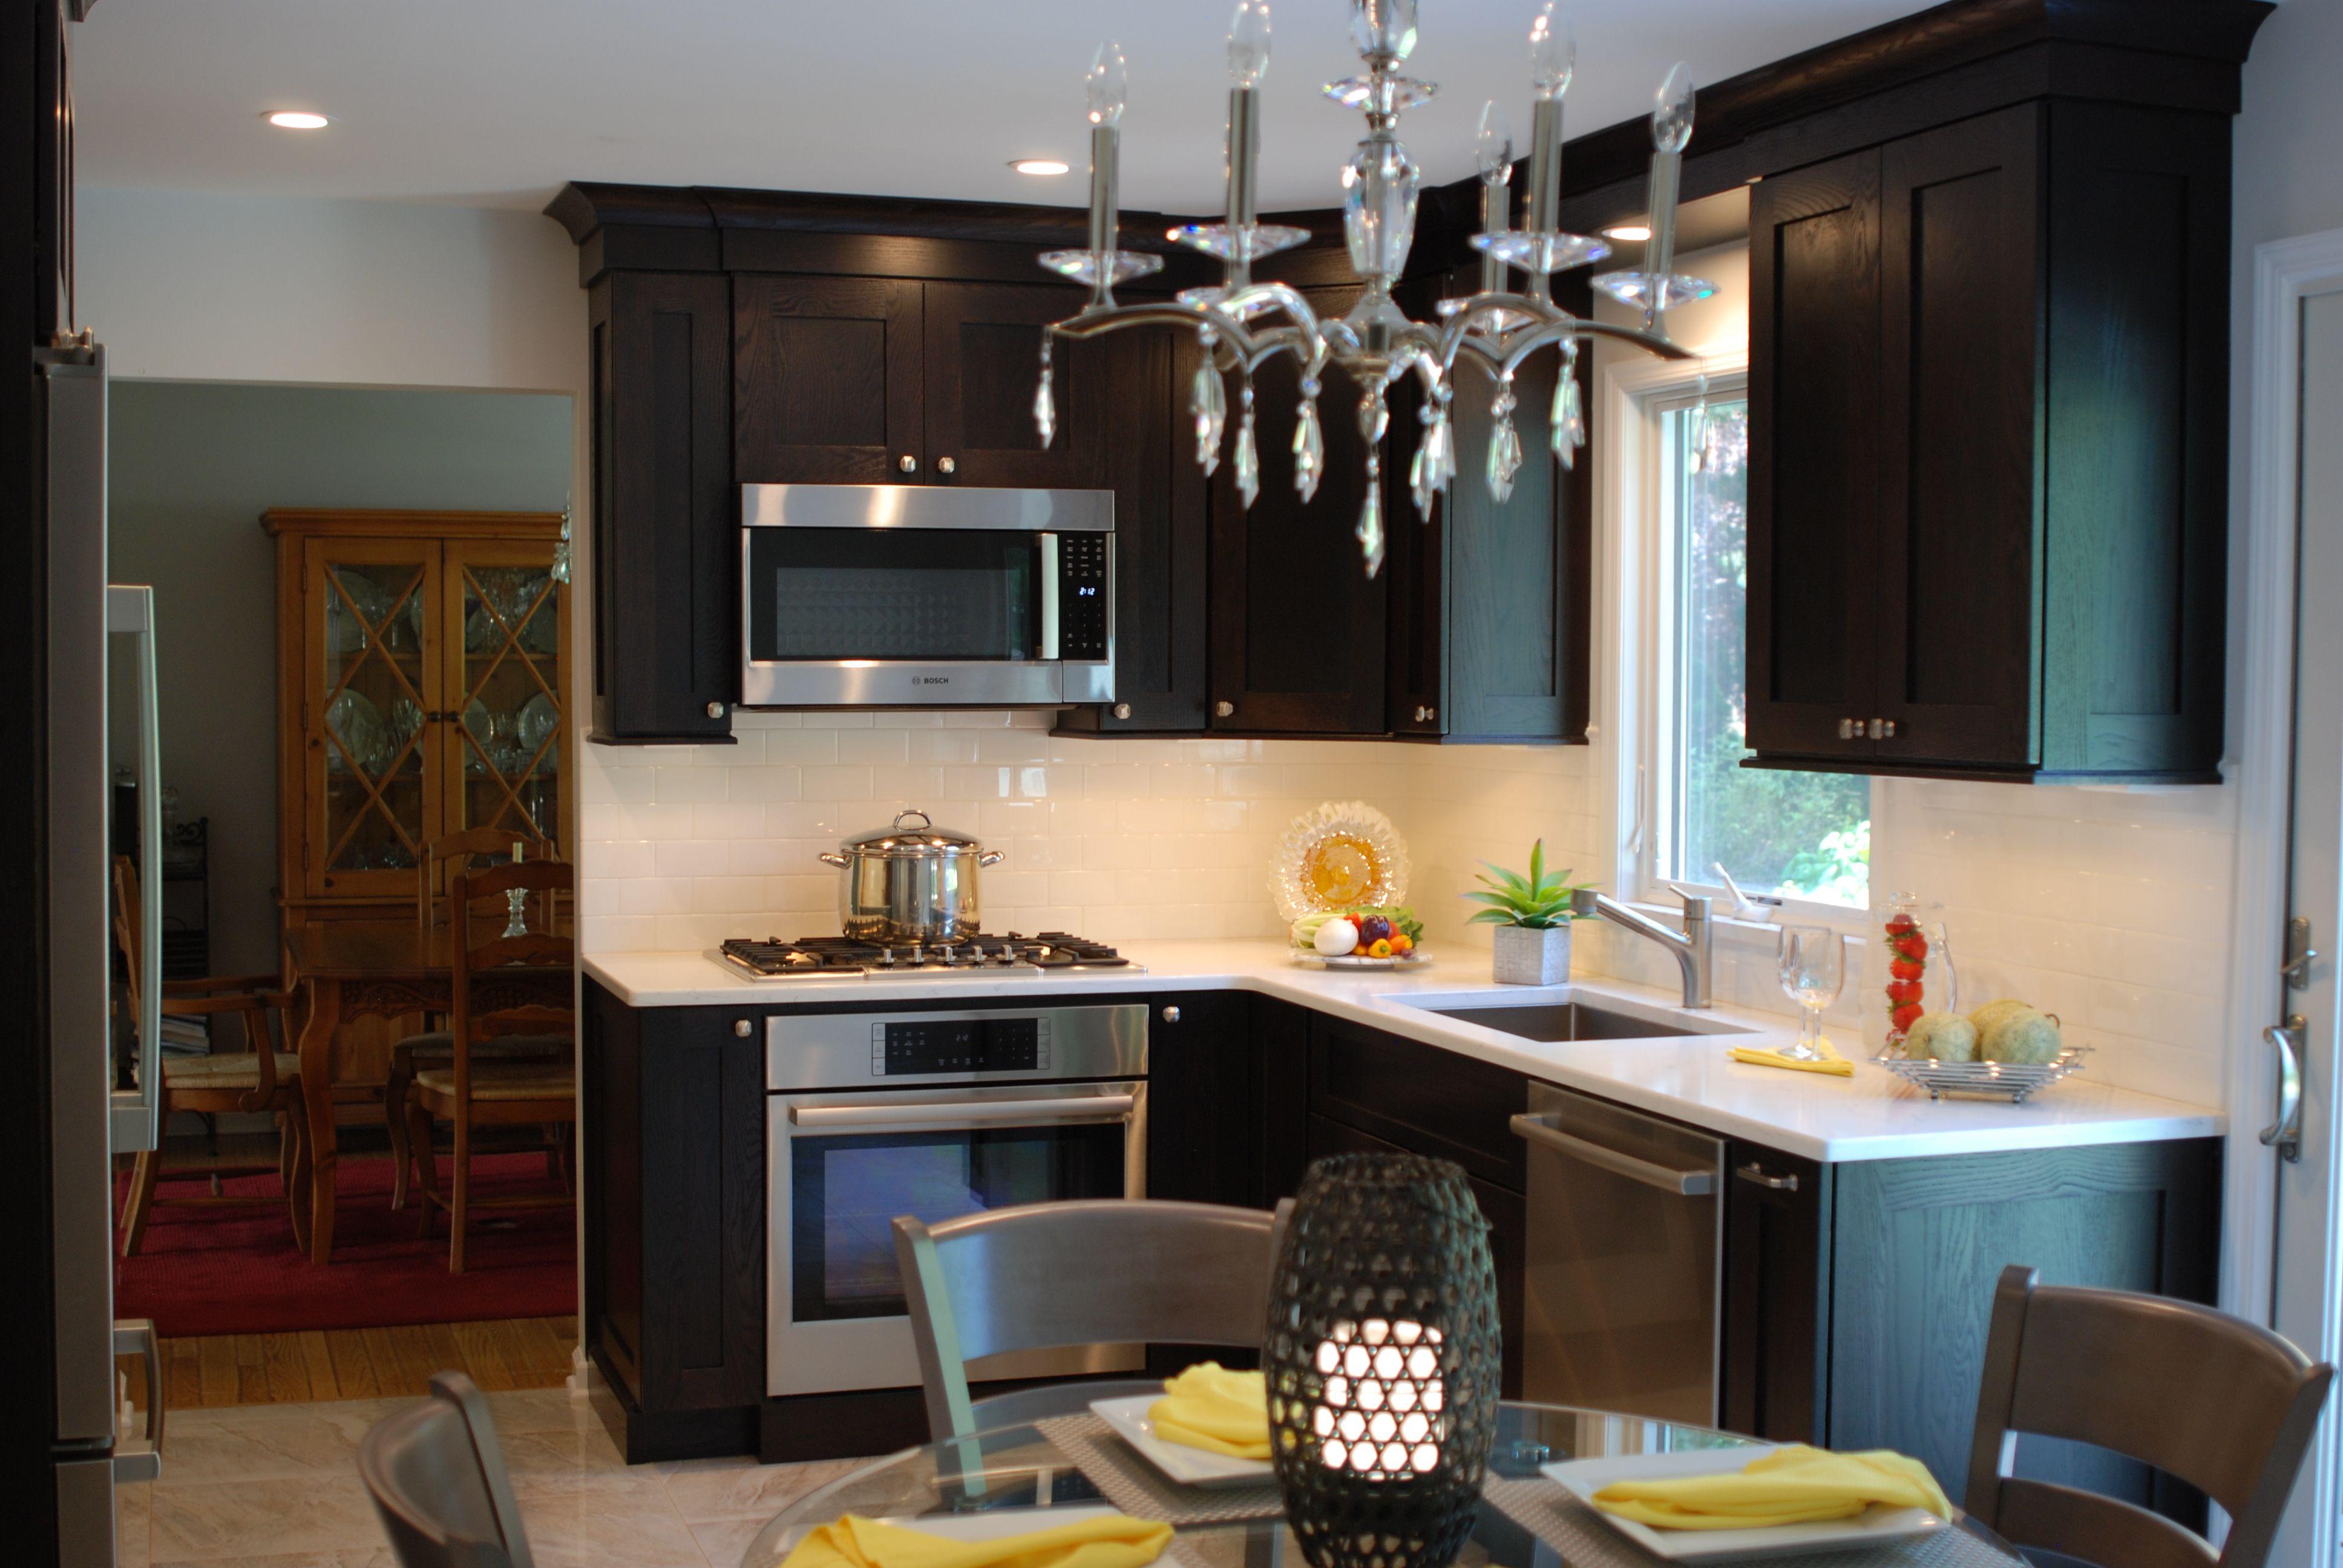 Pin by Cranbury Design Center on Kitchens | Kitchen design ...